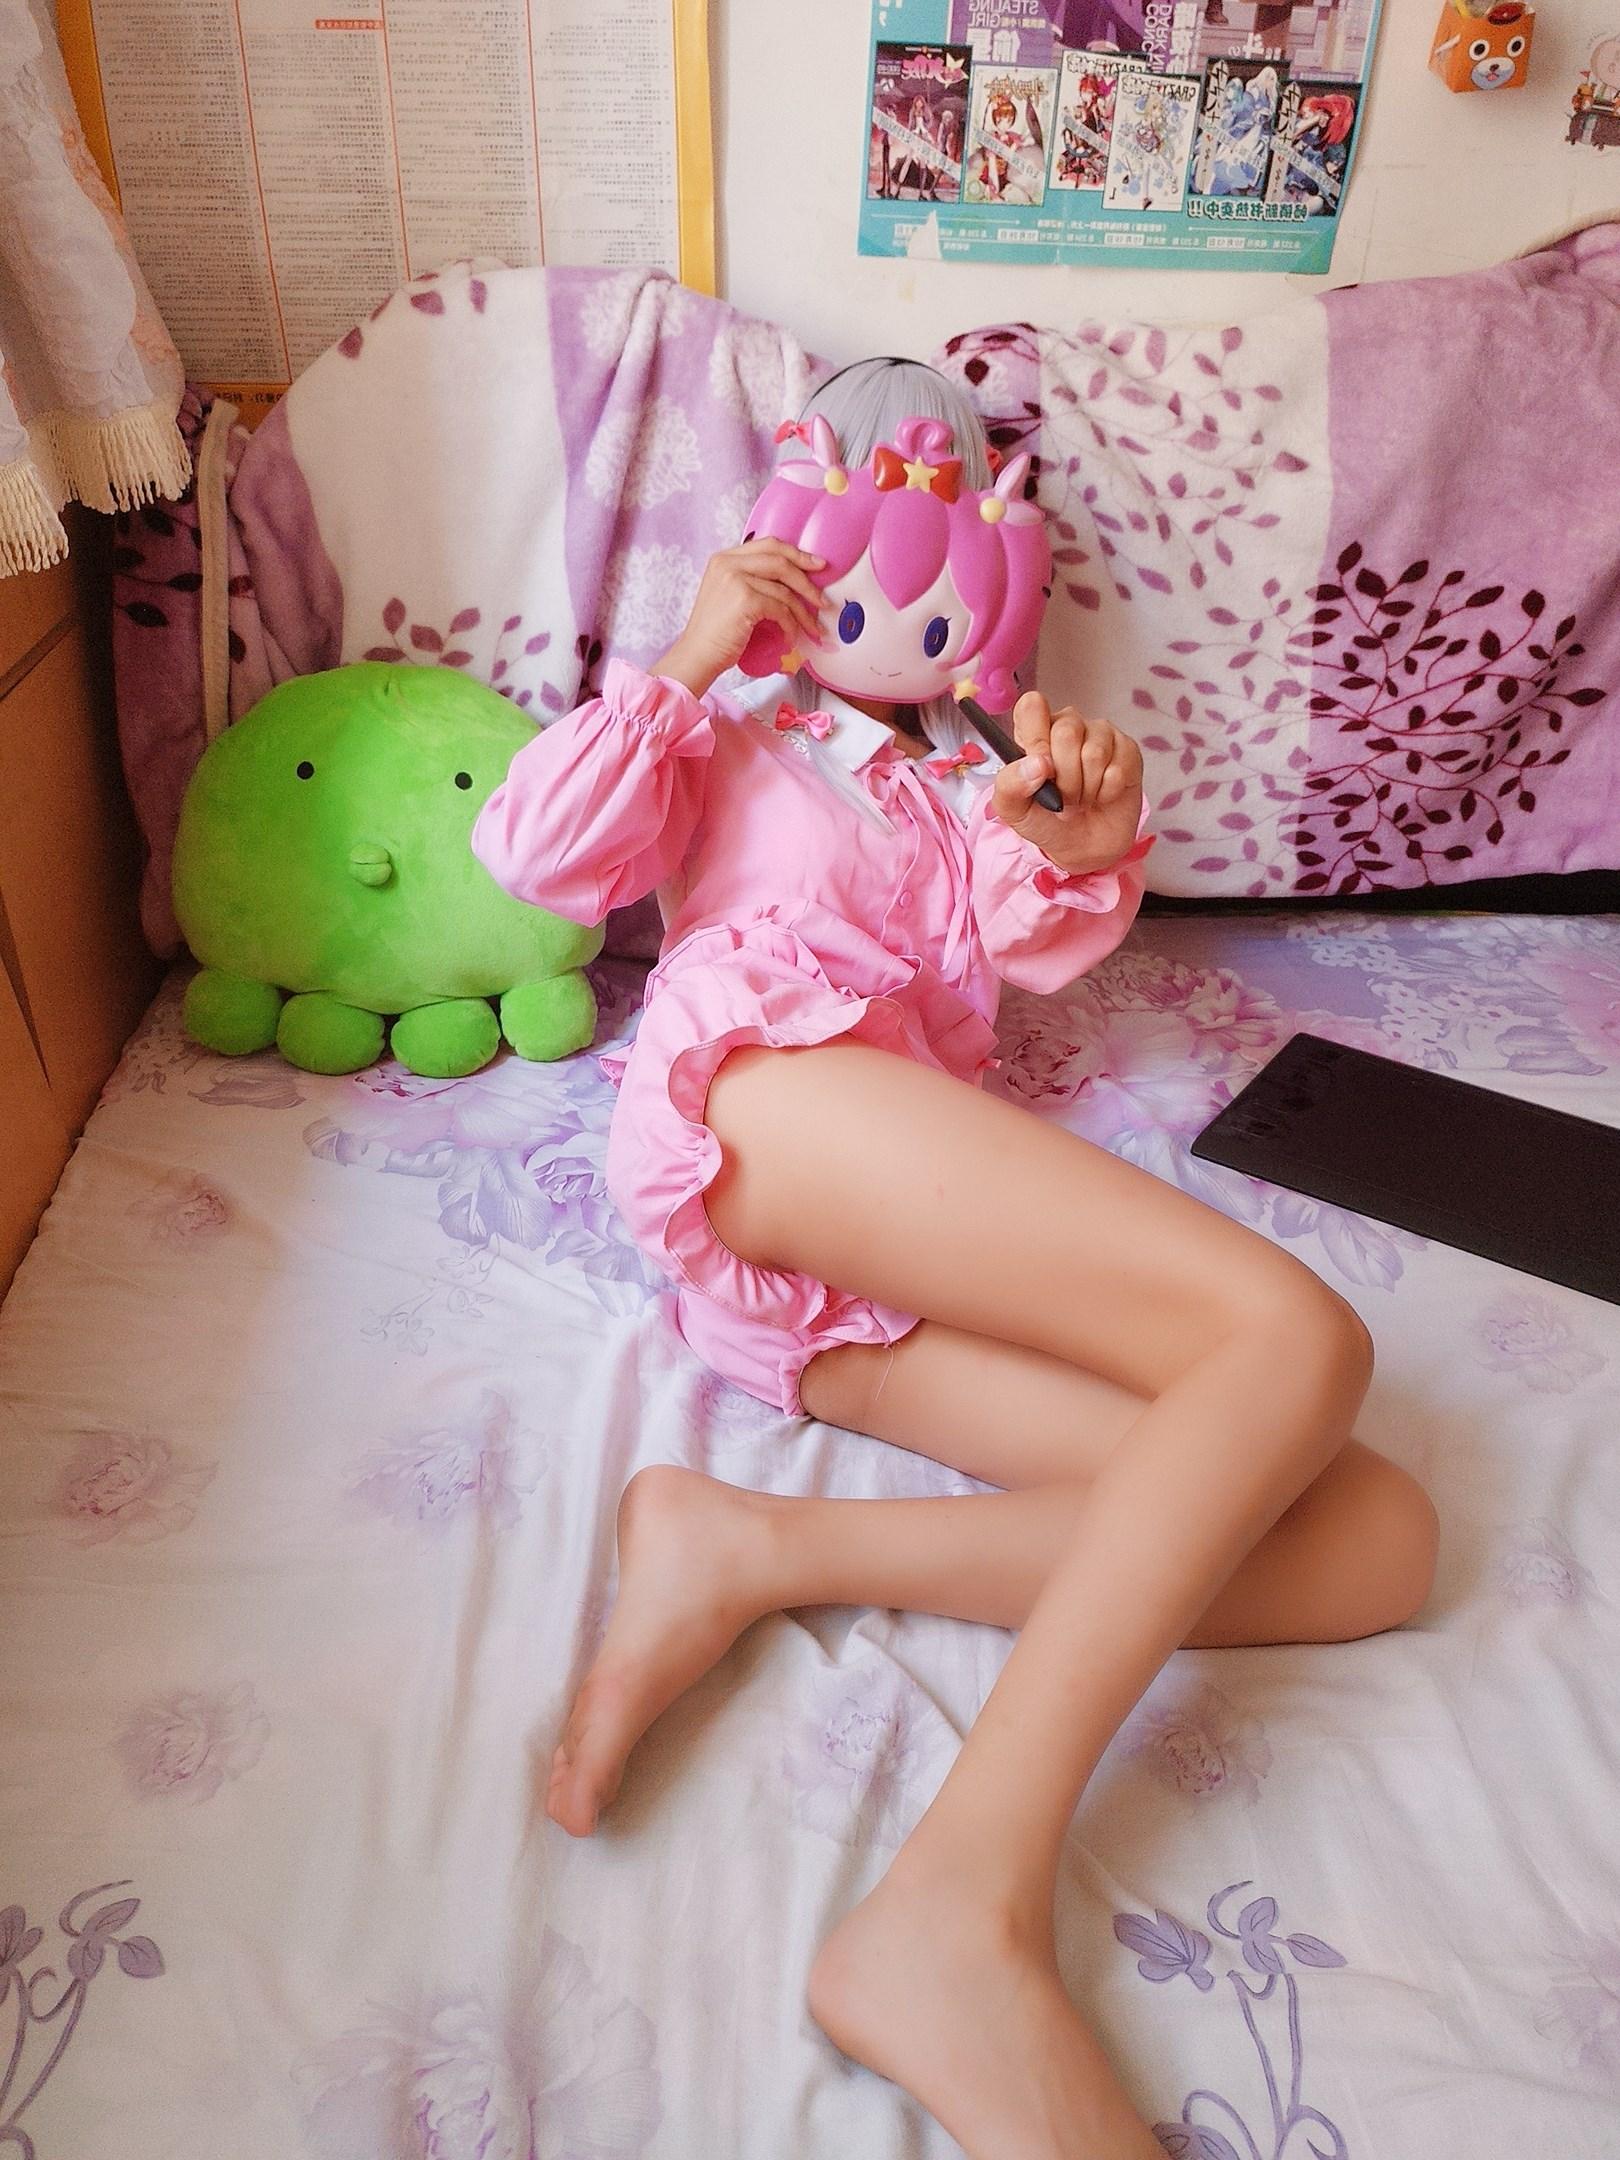 【兔玩映画】萝莉的果腿 兔玩映画 第2张